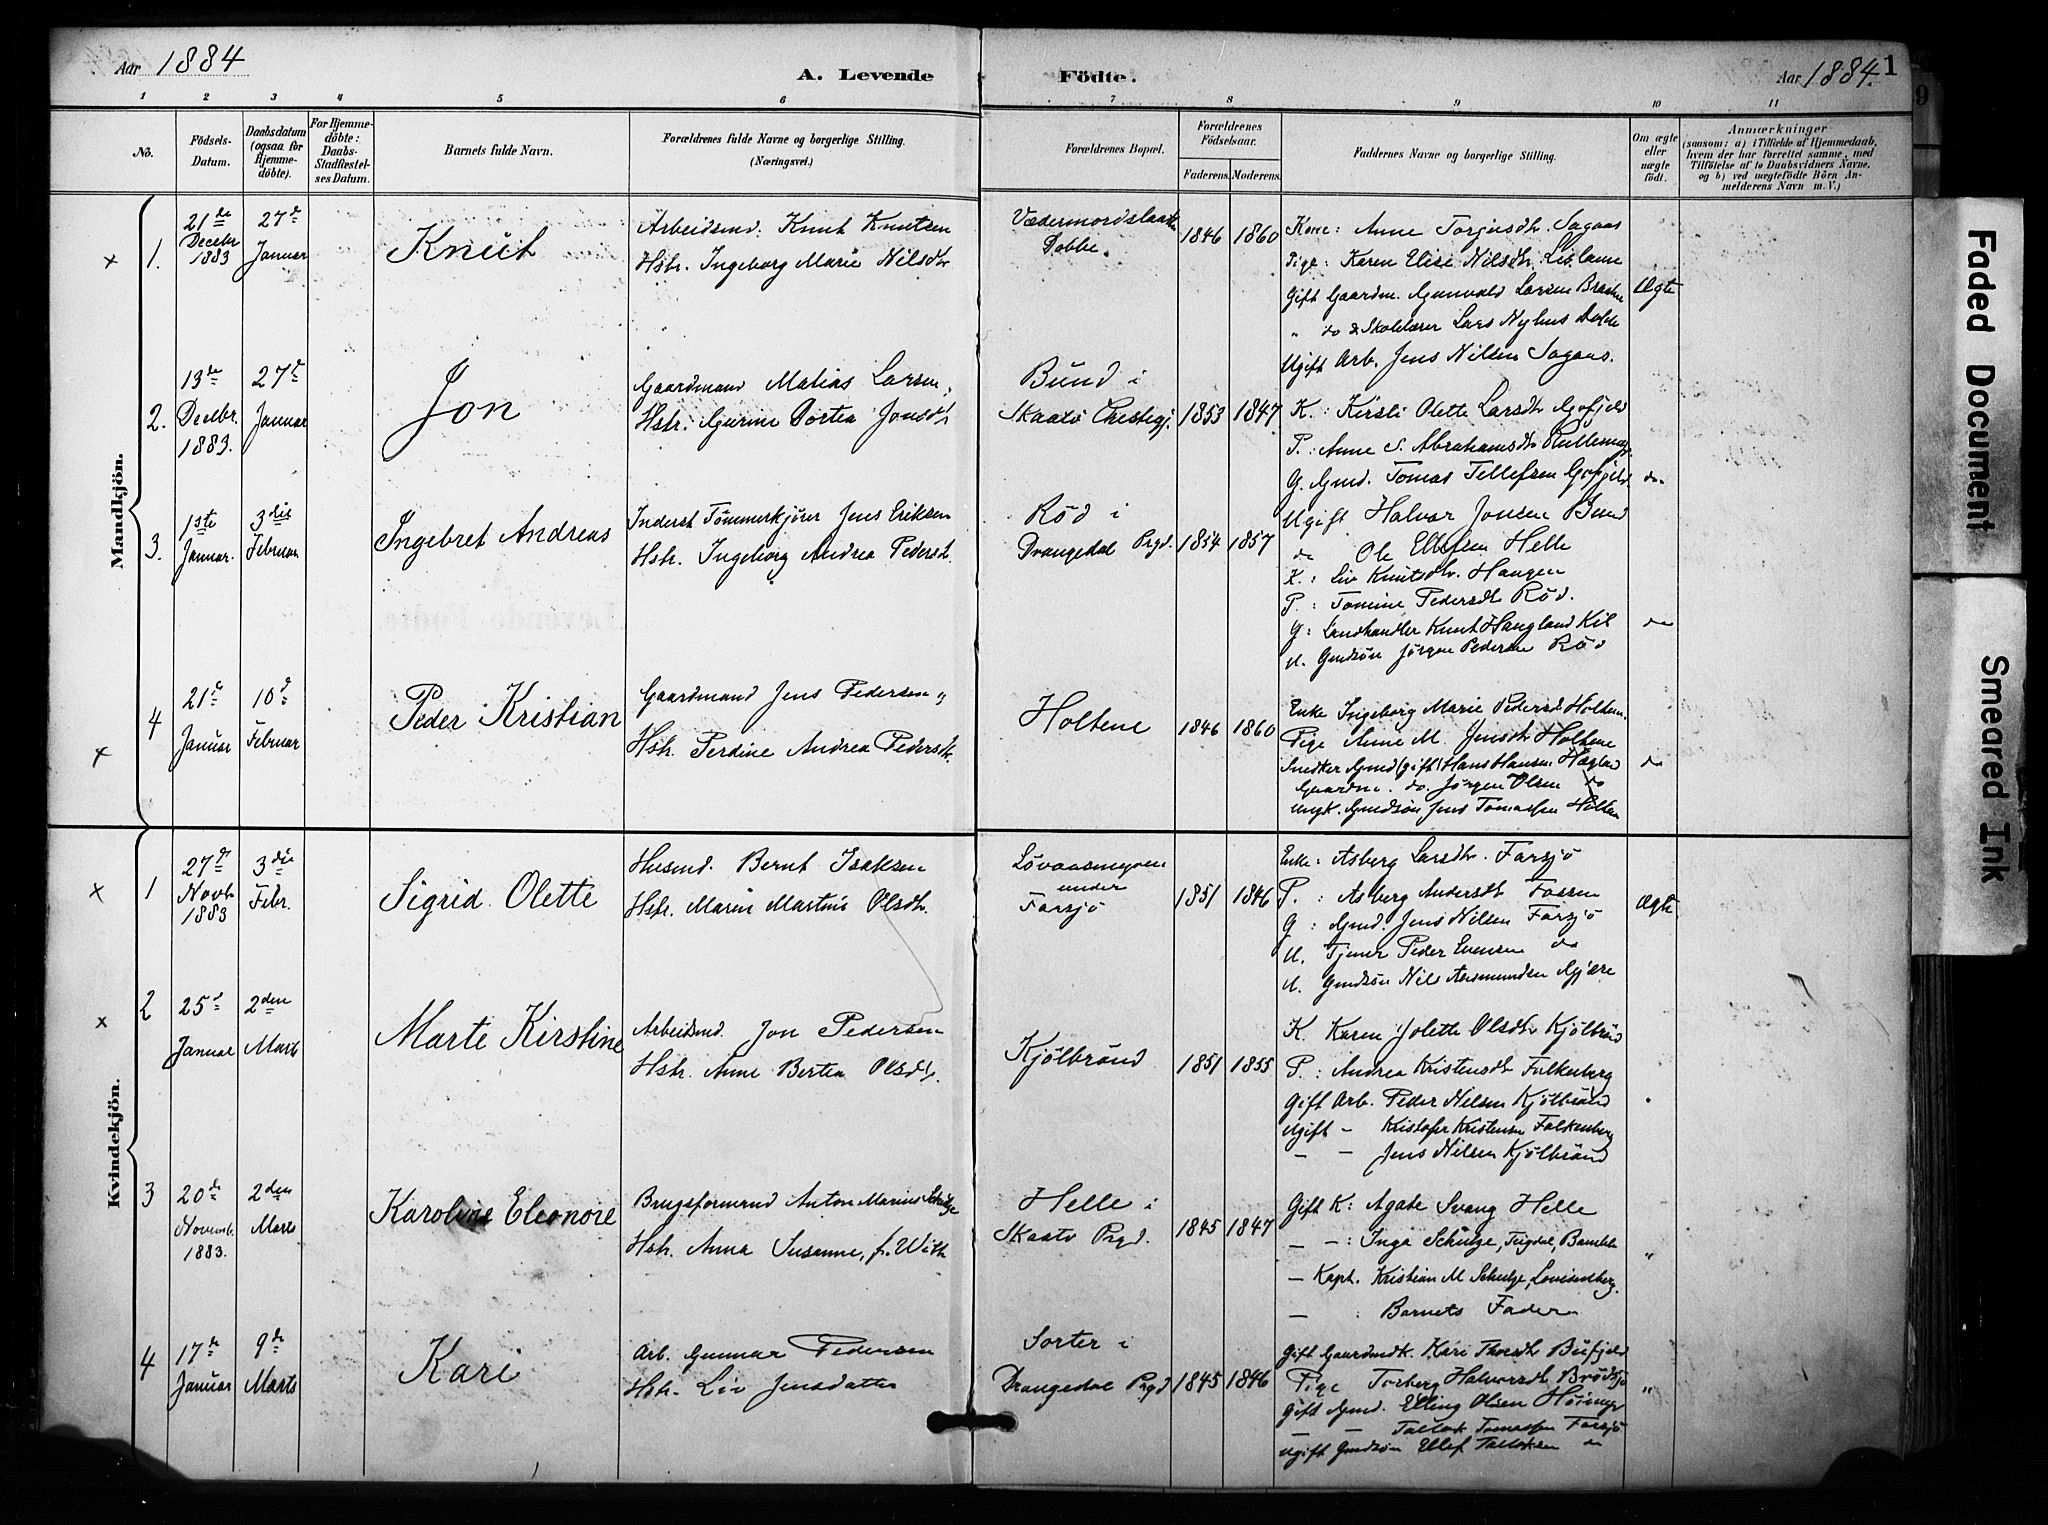 SAKO, Sannidal kirkebøker, F/Fa/L0015: Ministerialbok nr. 15, 1884-1899, s. 1